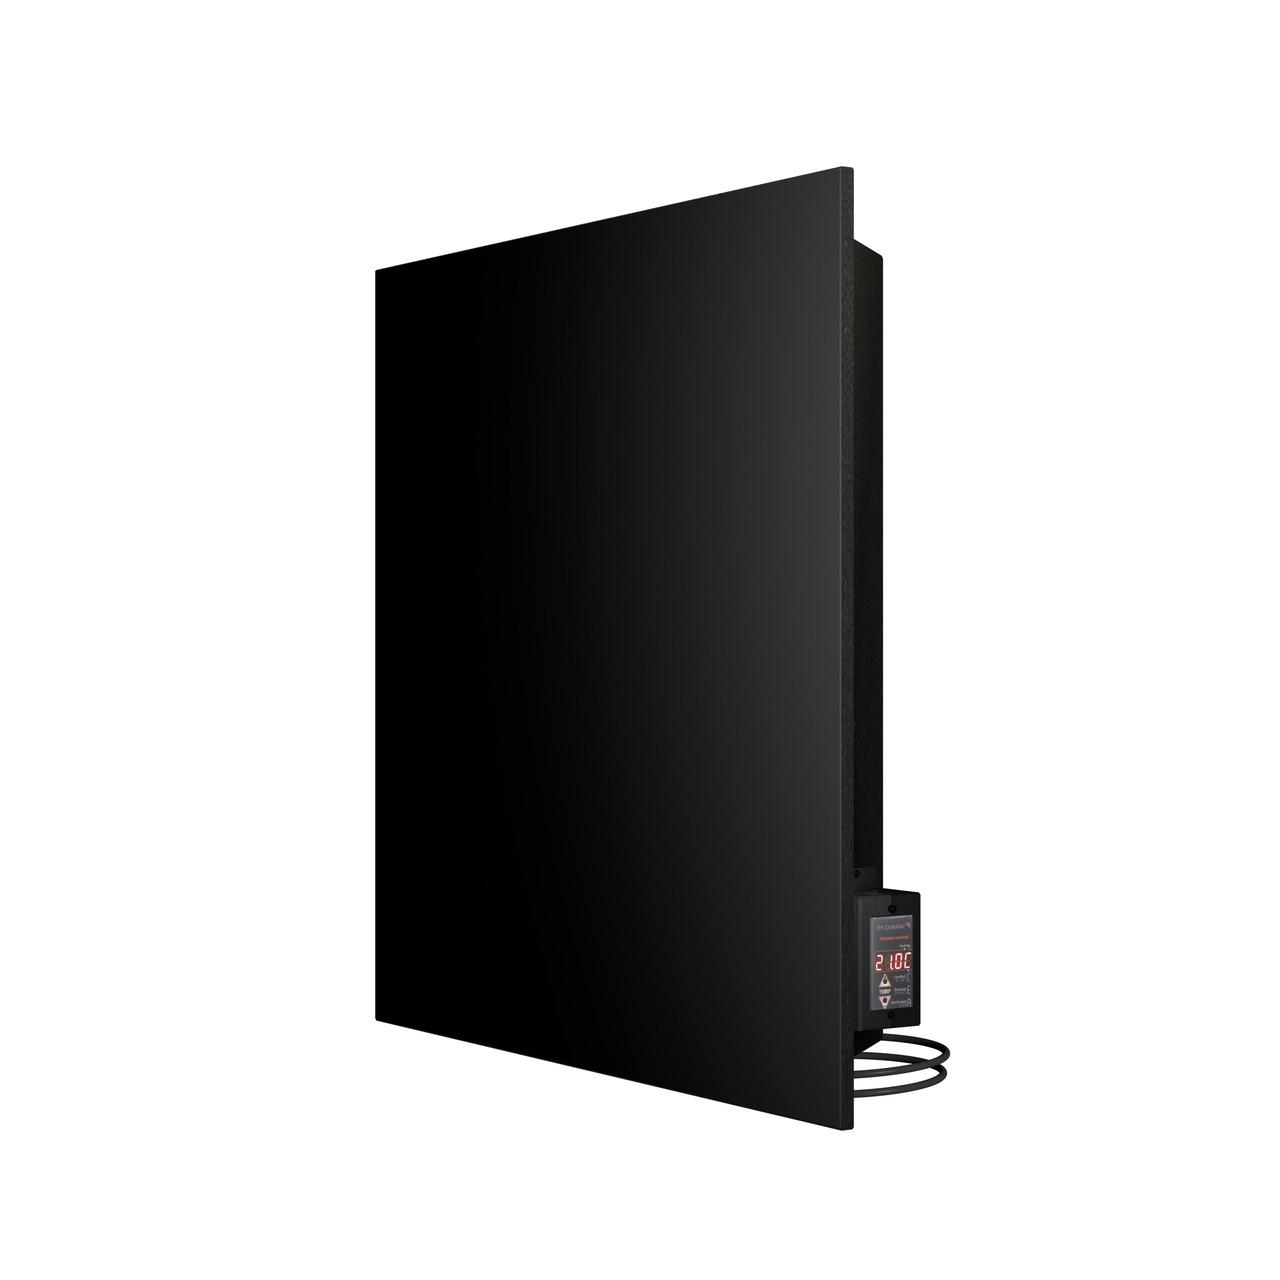 Теплокерамик TC500C 500Вт Керамический инфракрасный конвекционный обогреватель (Чёрный)